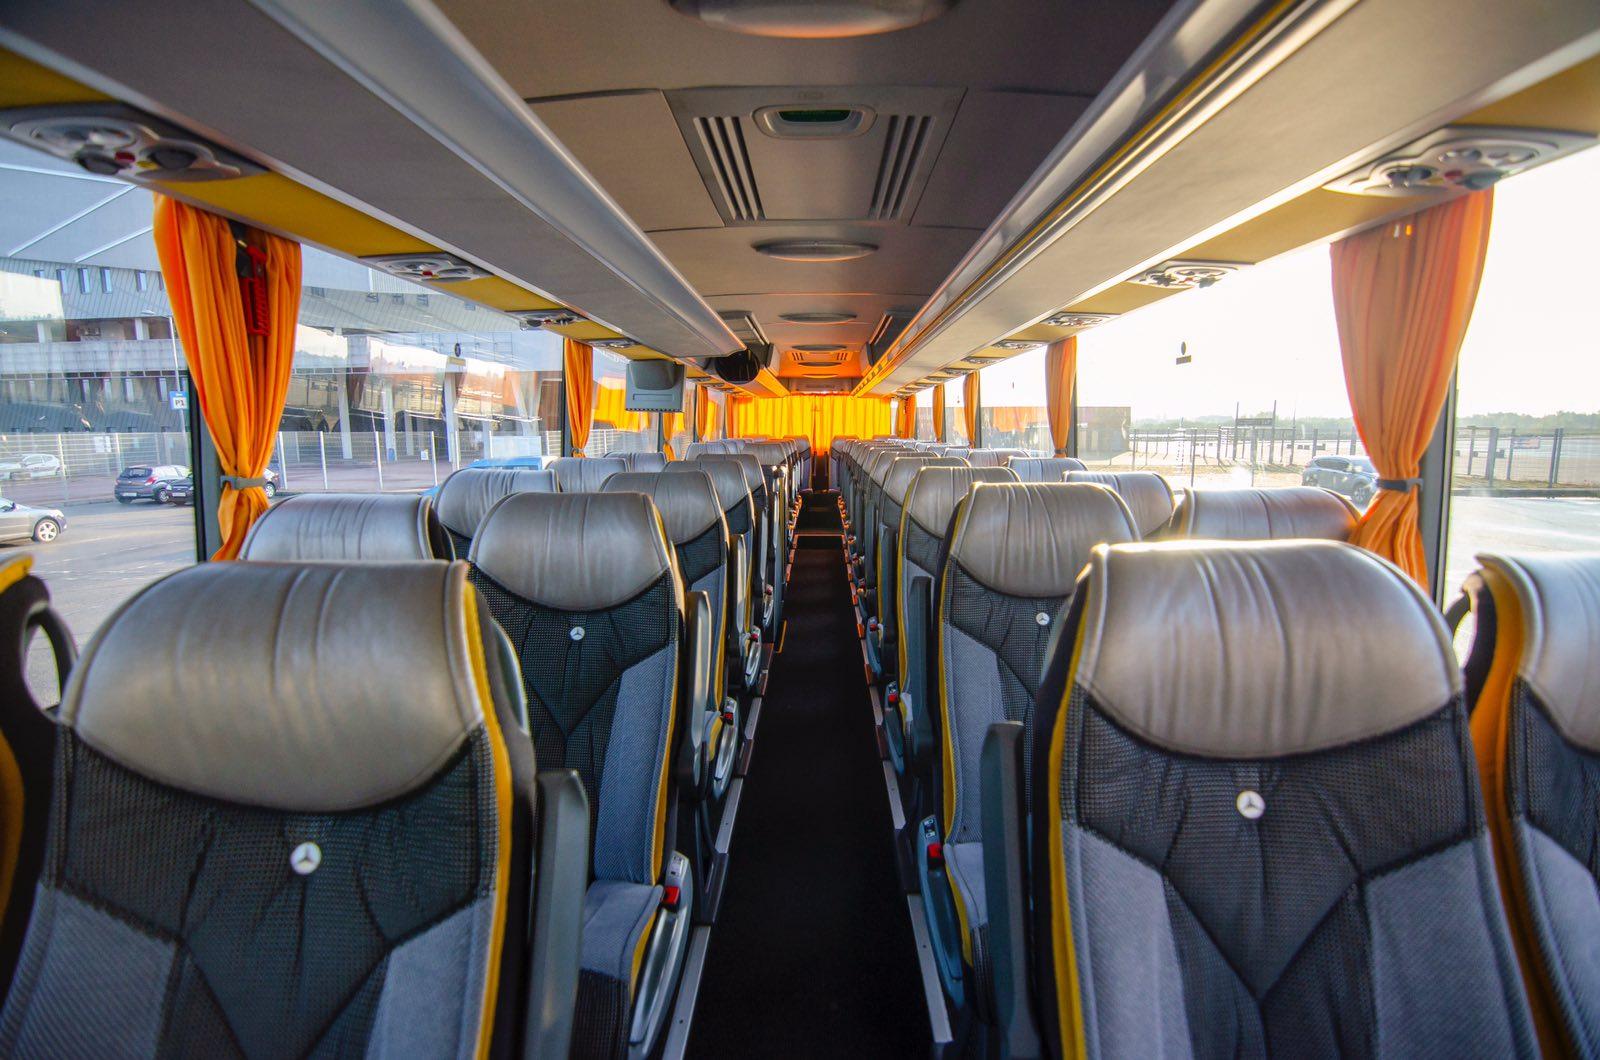 оренда автобуса у Львові, оренда туристичного автобуса, автобус зі Львова за кордон, трансфер Львів, автобус для екскурсій, автобус Mercedes Tourismo